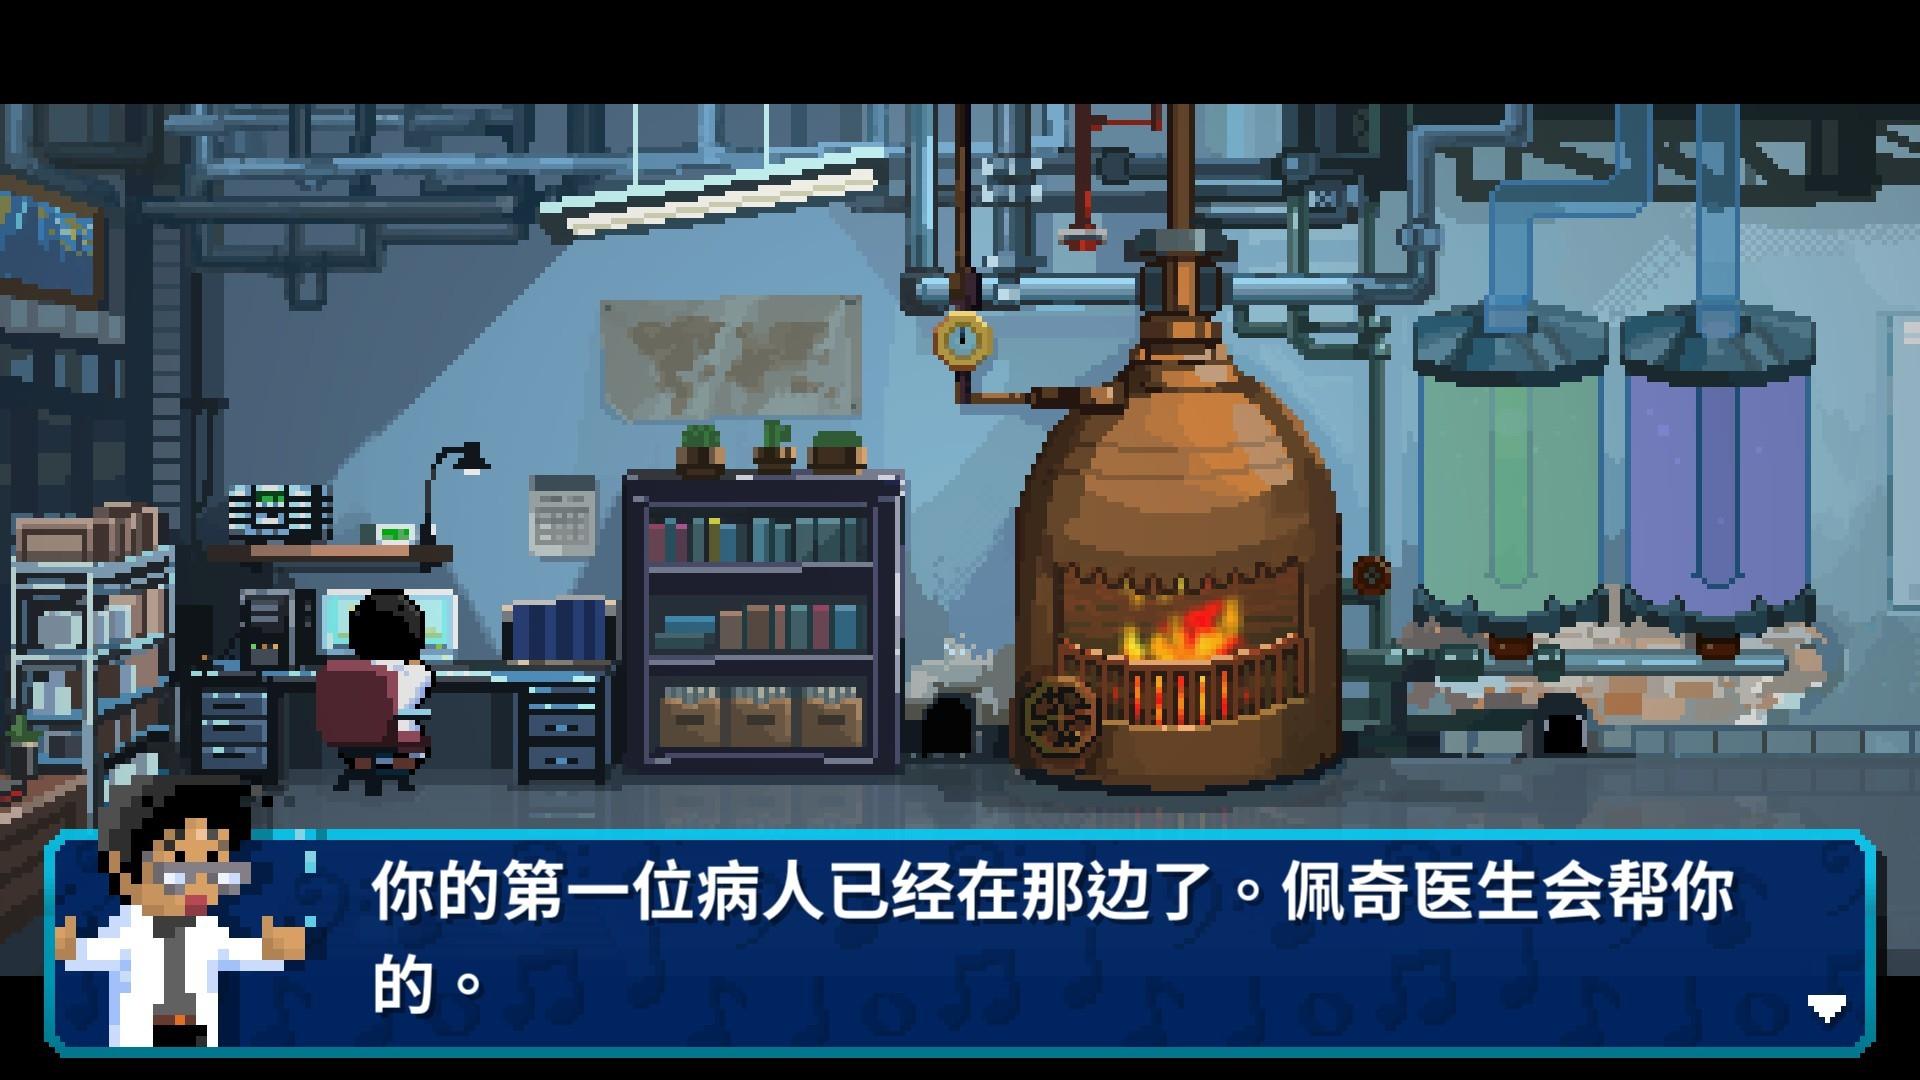 节奏医生/Rhythm Doctor(V.10.0(r15)中文语音)插图2